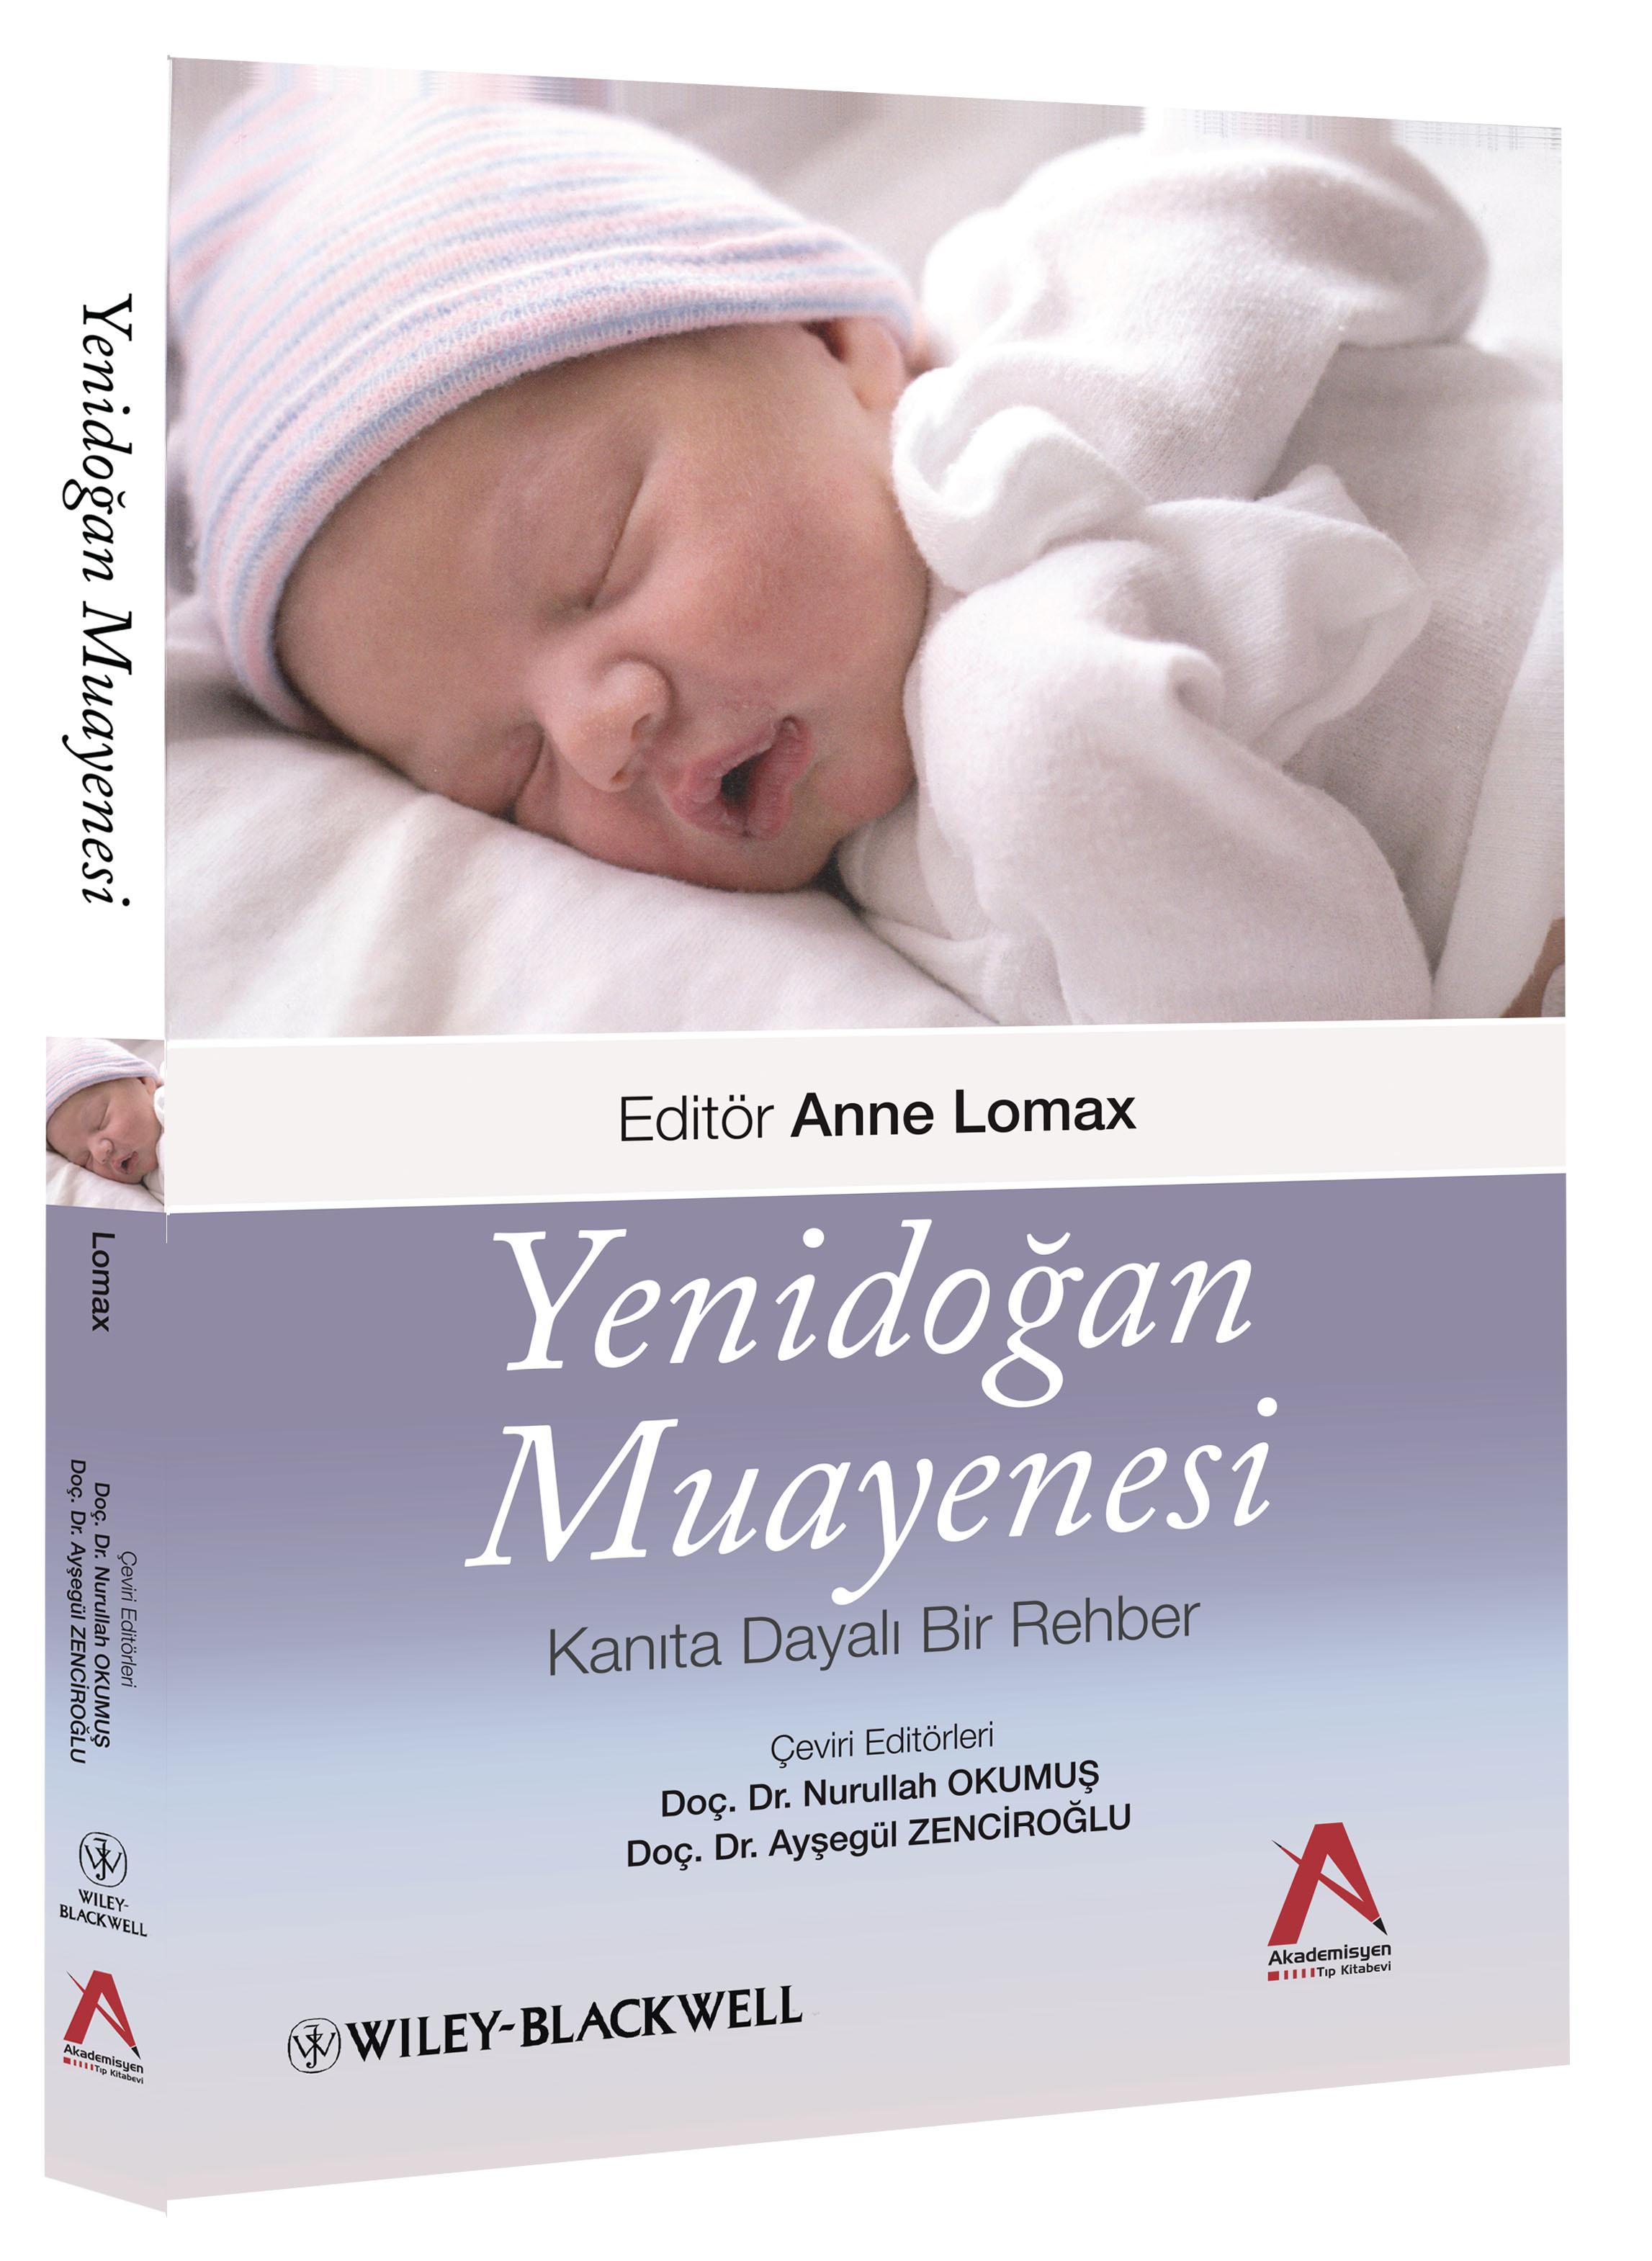 Yeni Doğan Bebek Bakım Rehberi